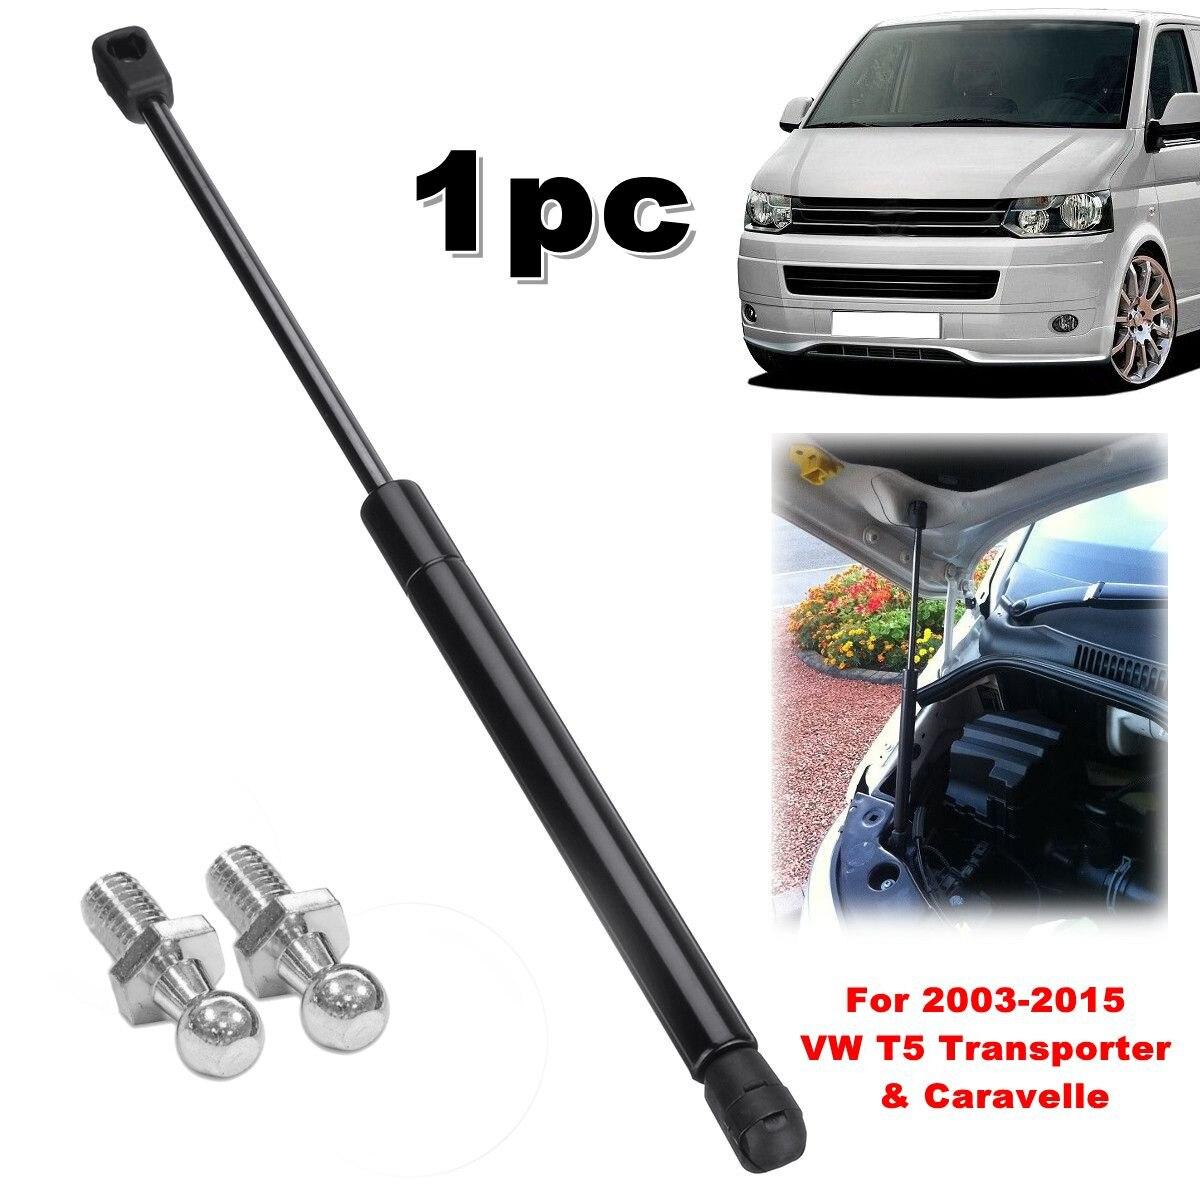 1 pièce capot avant capot capot Support jambe de force 7E0823359 pour Volkswagen VW T5 transporteur Caravelle 2003 2004 2005 2006 2007-2015